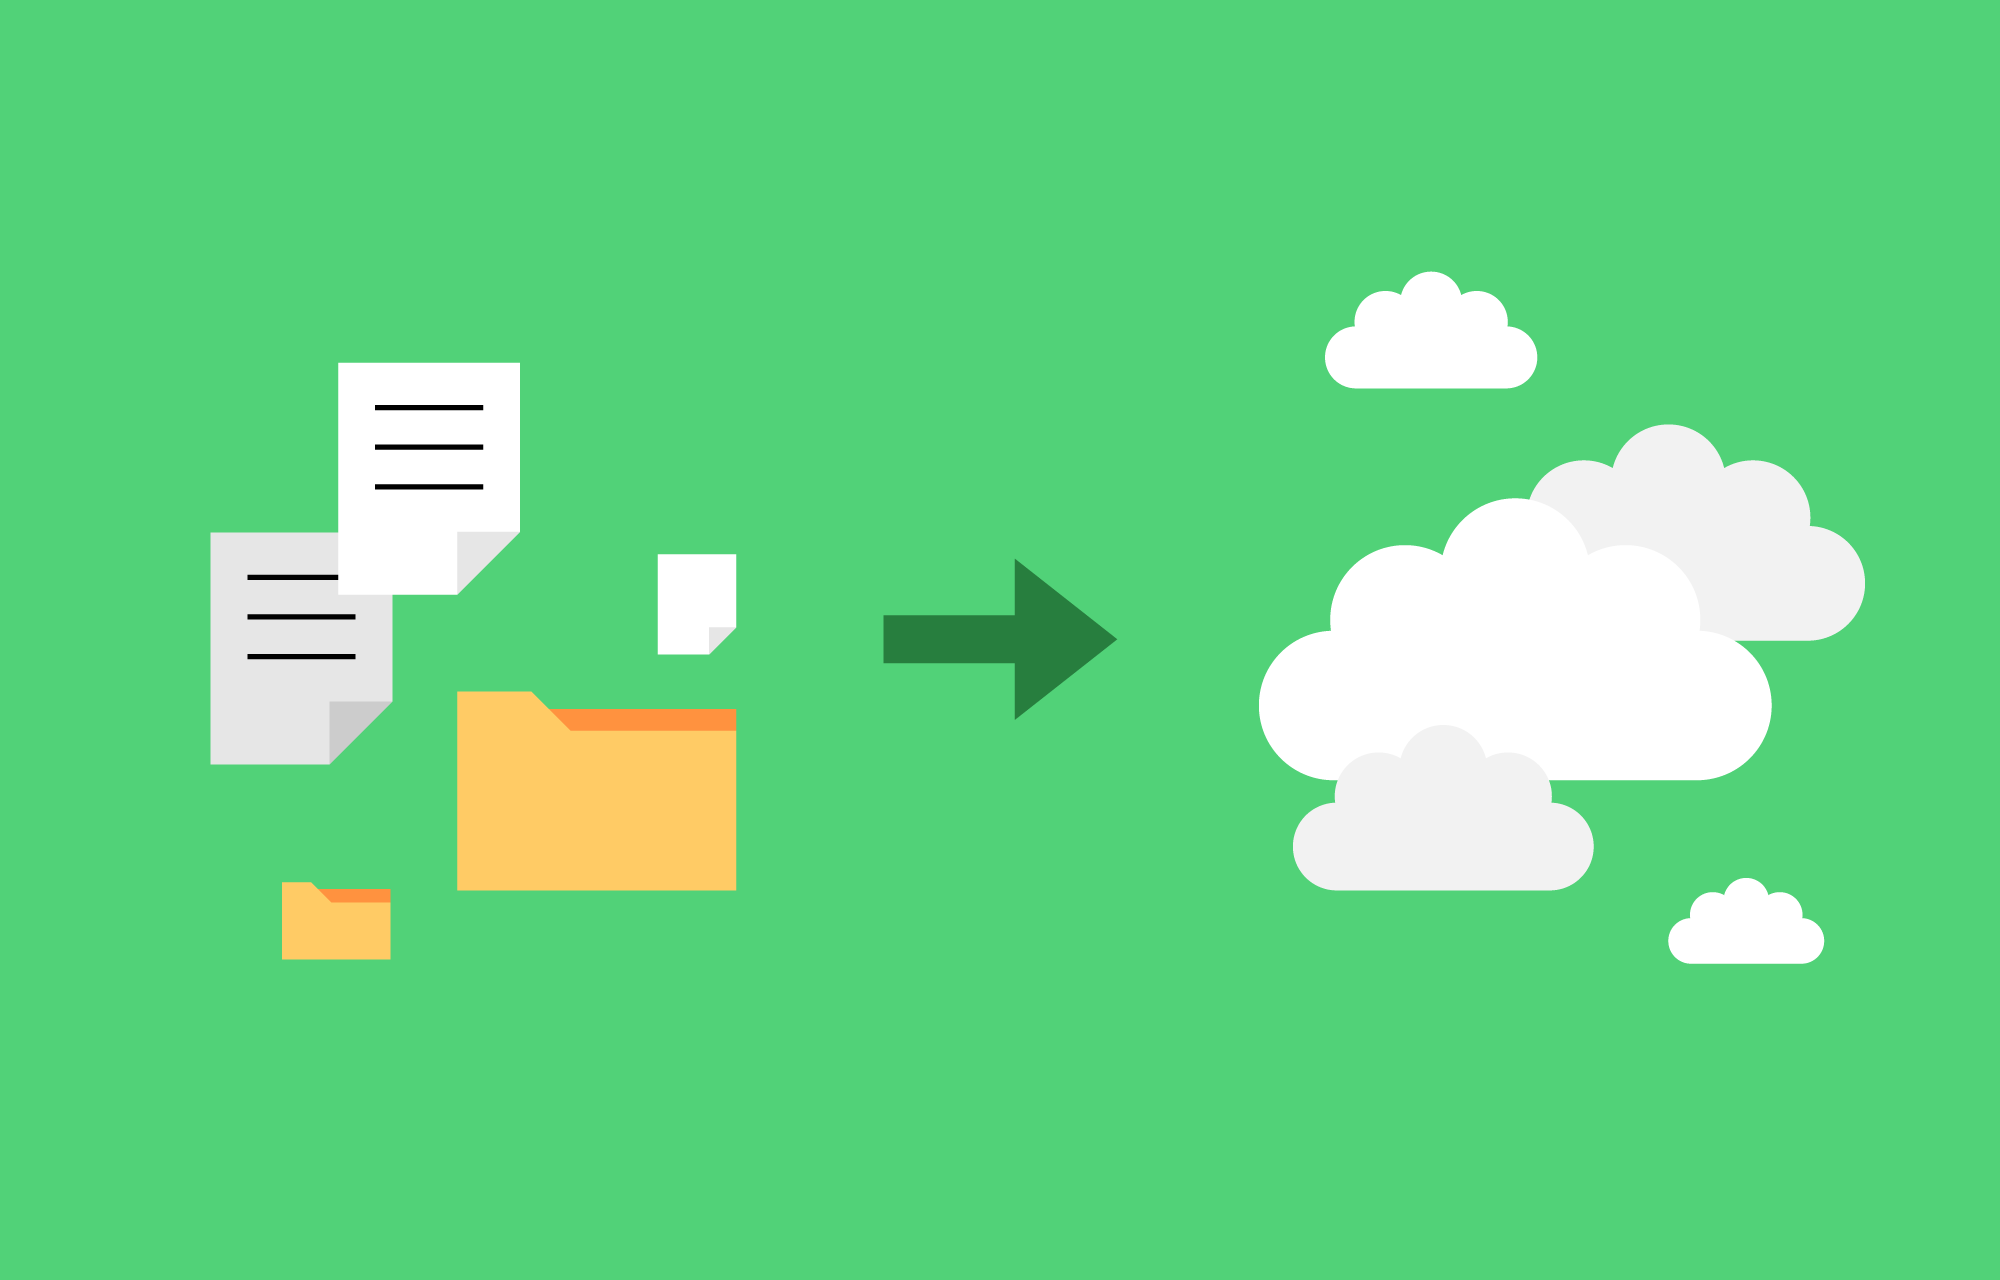 Dokumenter og mapper og en pil som peker mot skyer.